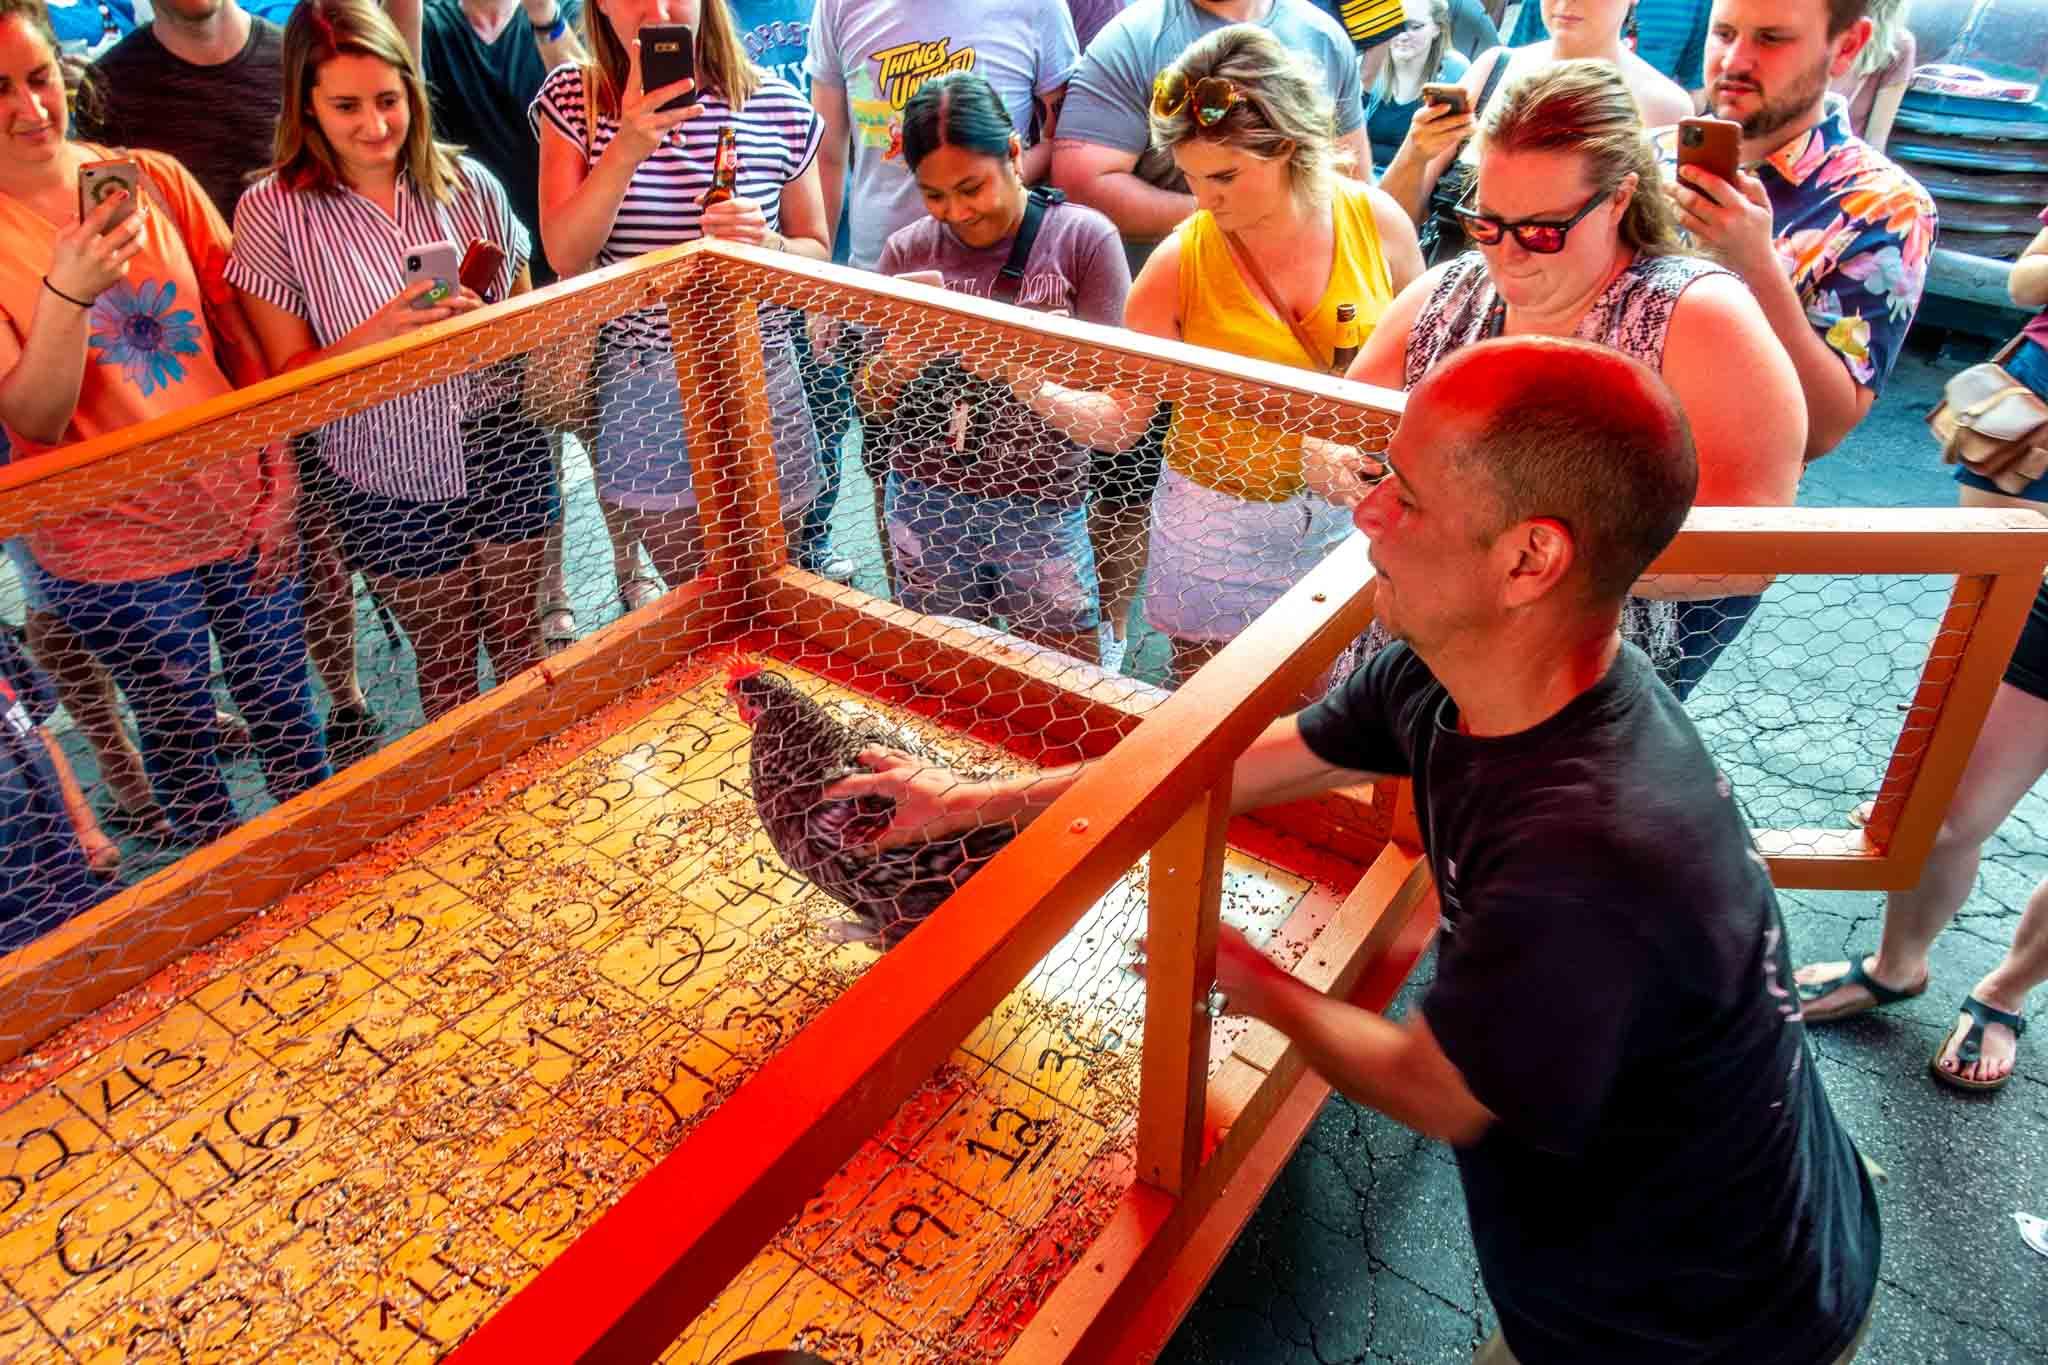 Man placing chicken onto bingo board